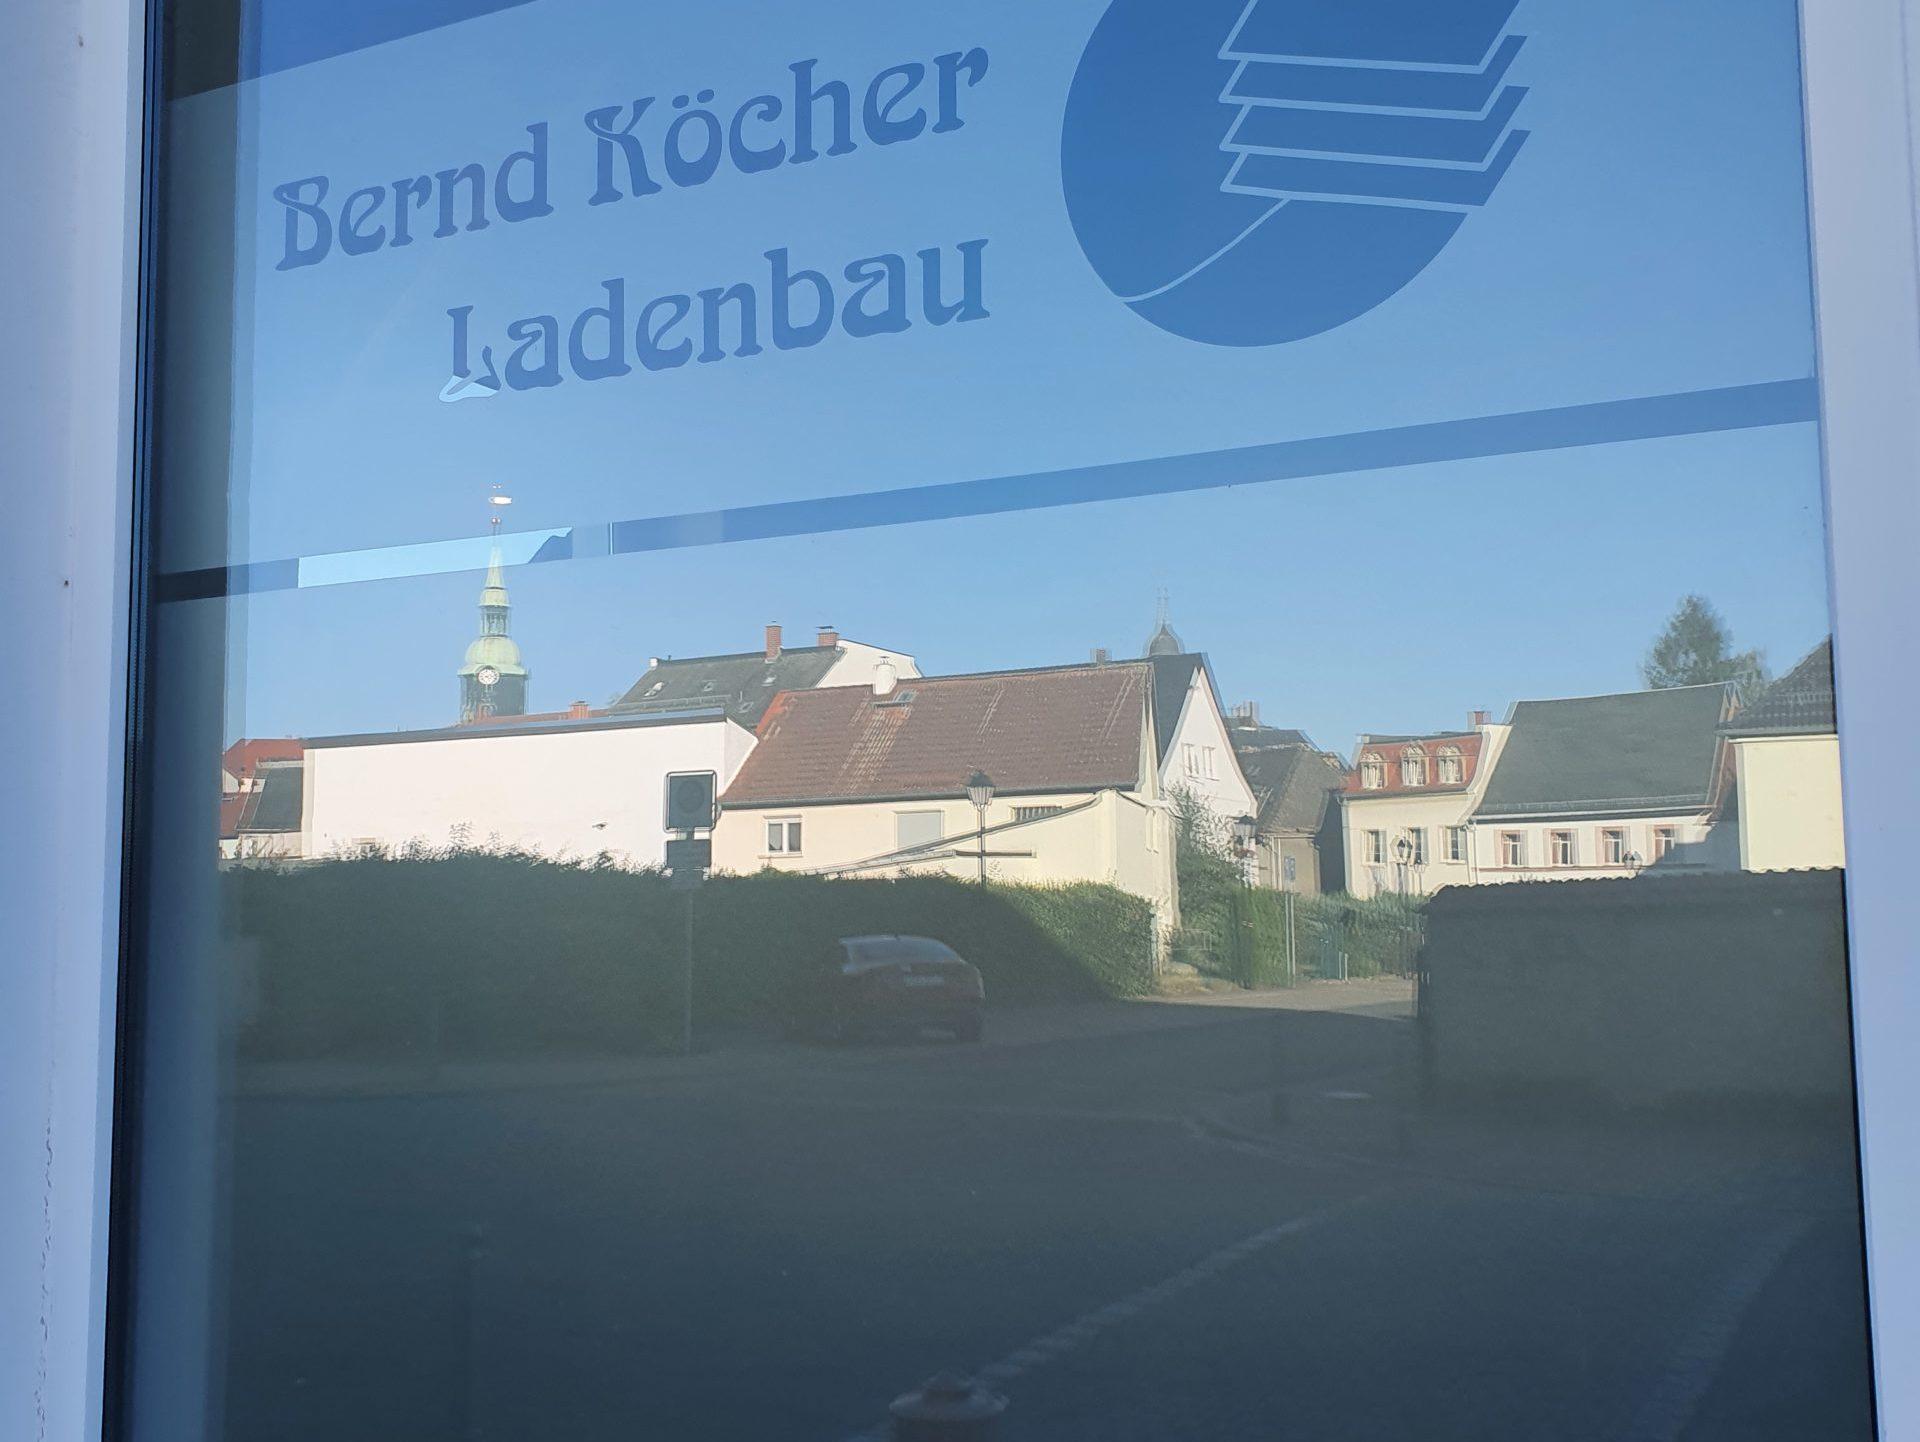 www.koecher-ladenbau.de